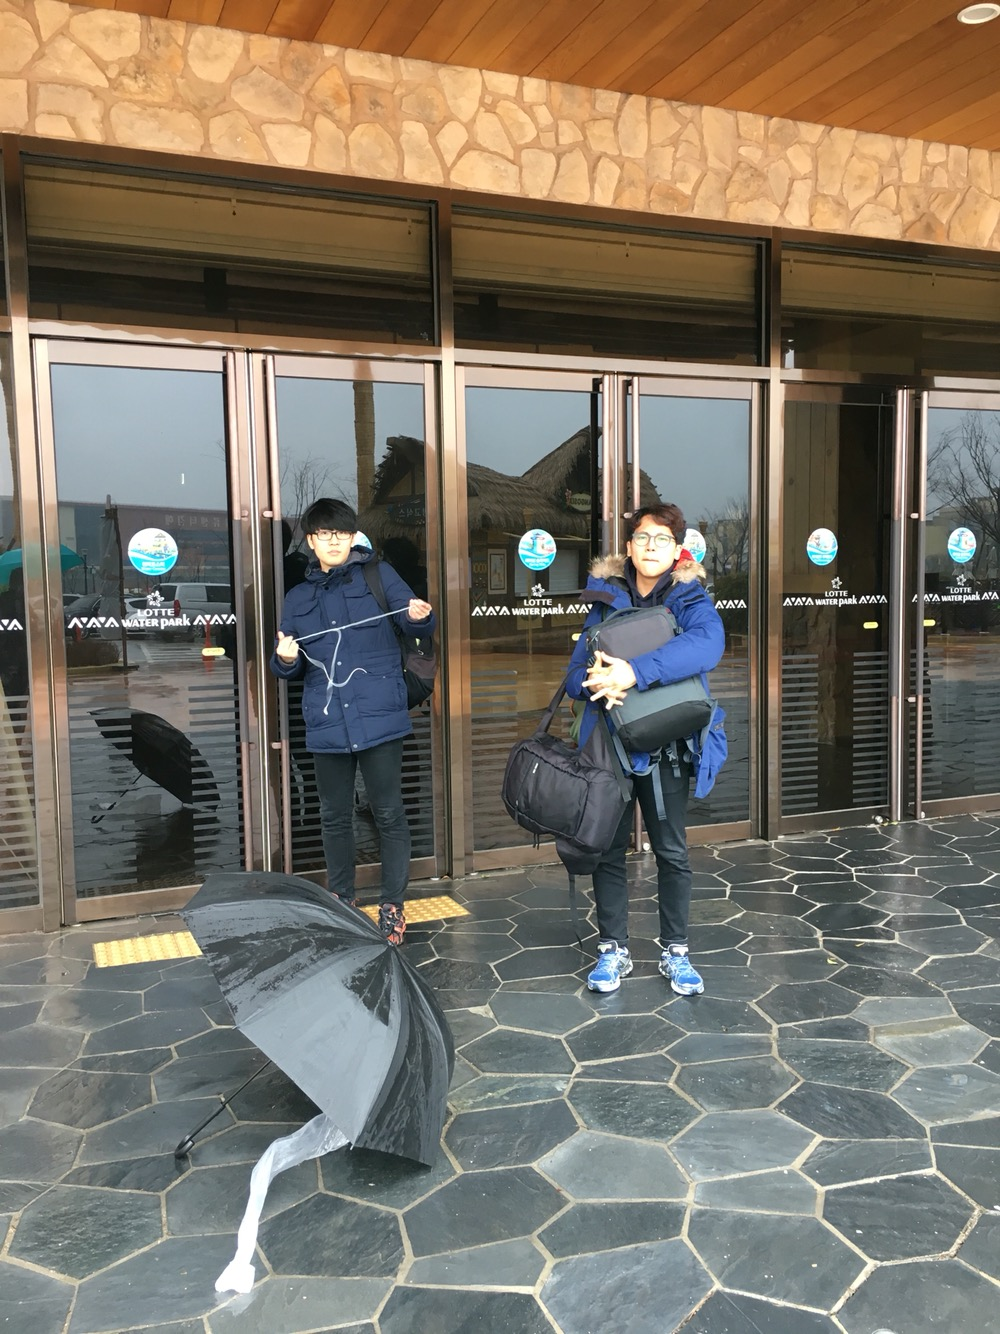 2016.02.12_김해롯데워터파크 MT (3).JPG